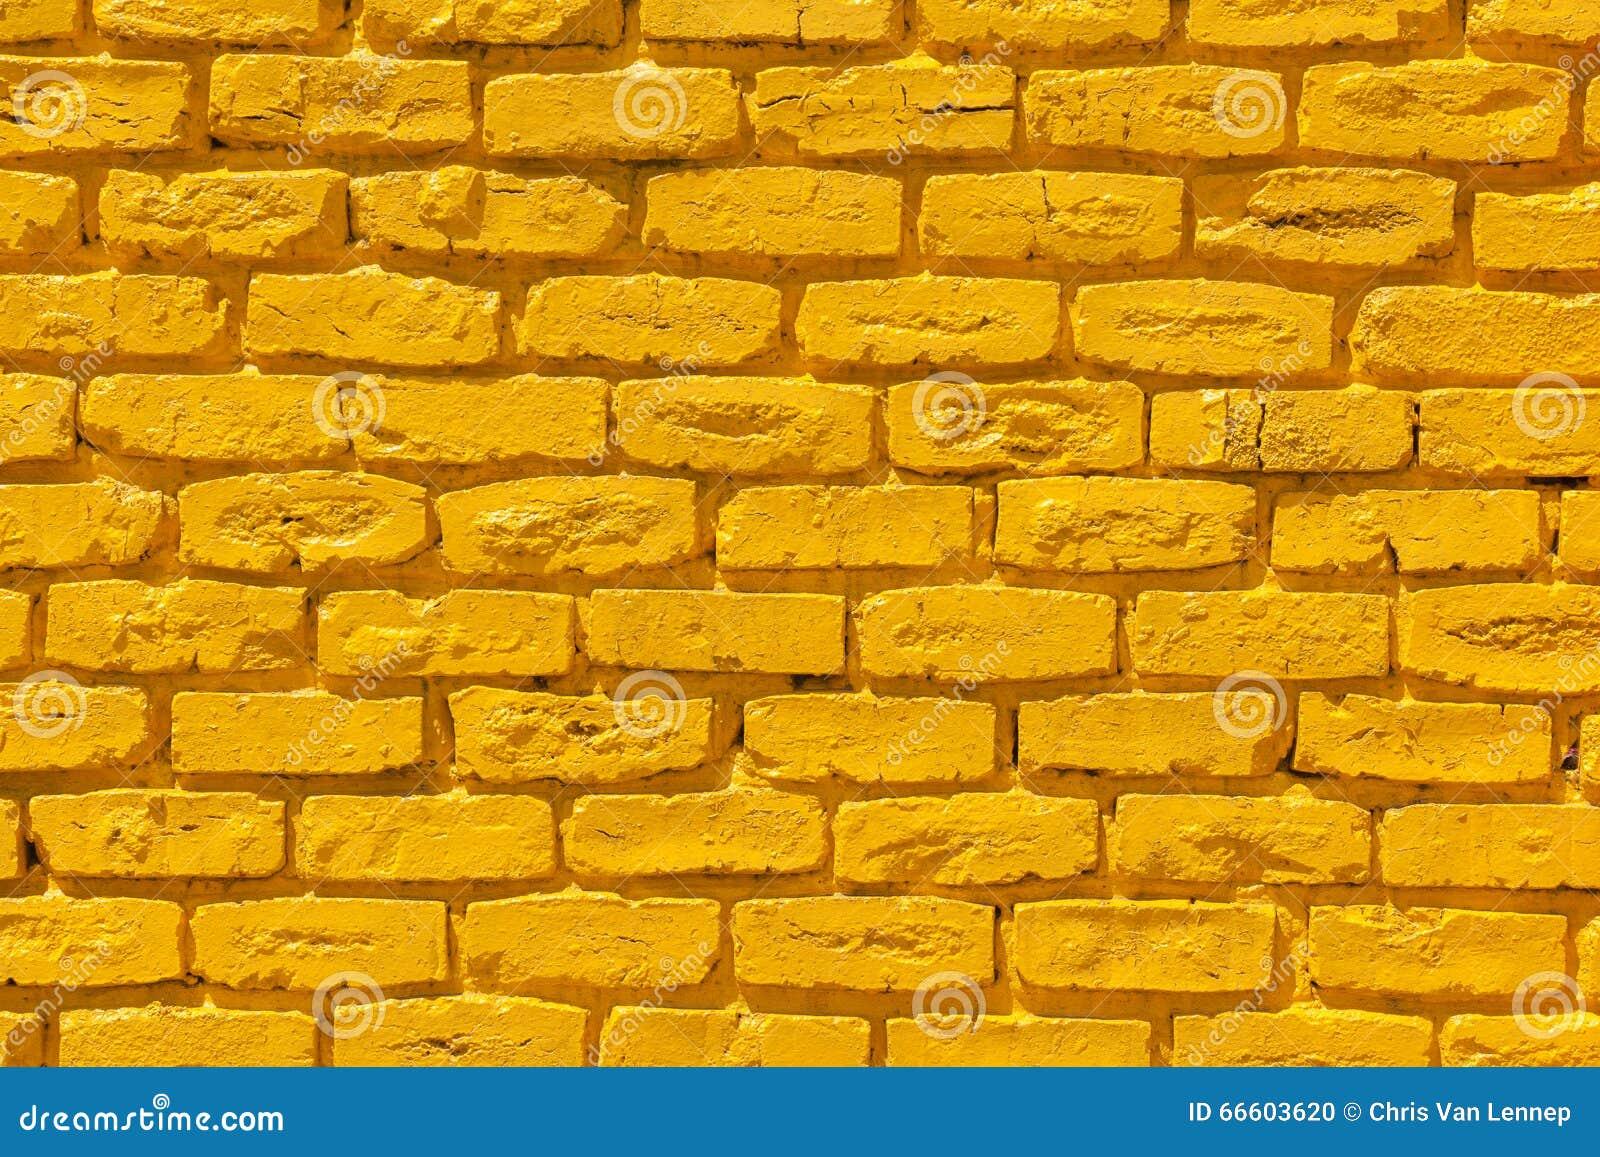 Ladrillos amarillos de la pared foto de archivo imagen - Pared de ladrillo ...